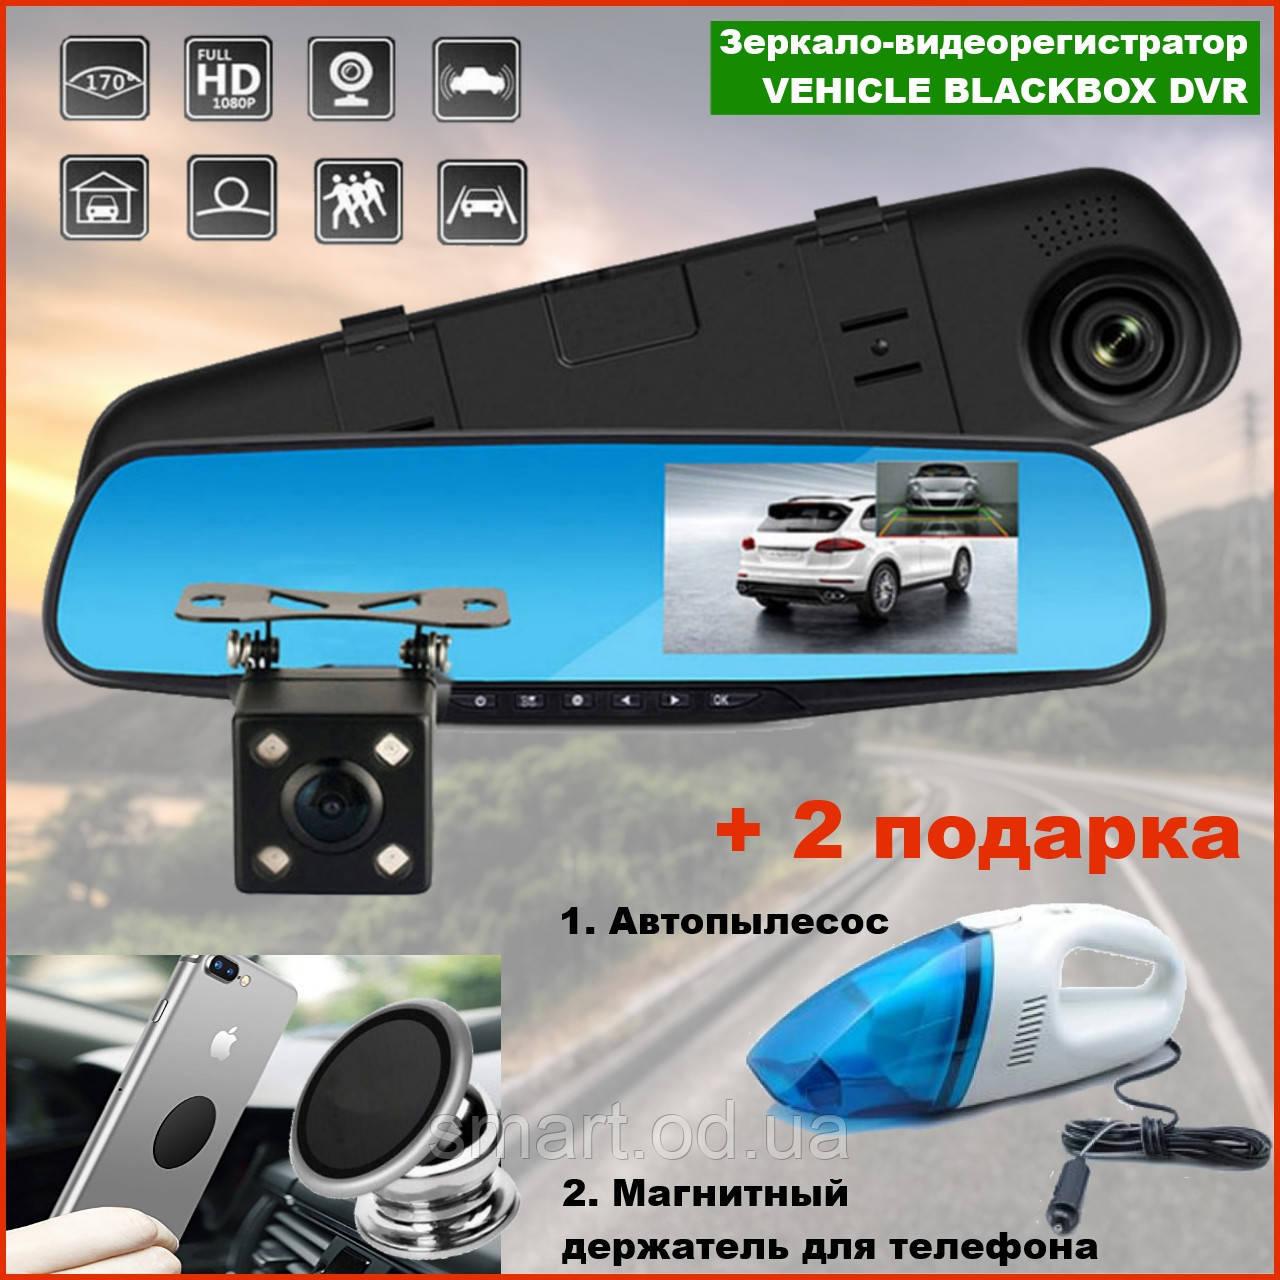 Якісний відеореєстратор дзеркало машини для авто на 2 камери Vehicle Blackbox DVR Full HD заднього виду